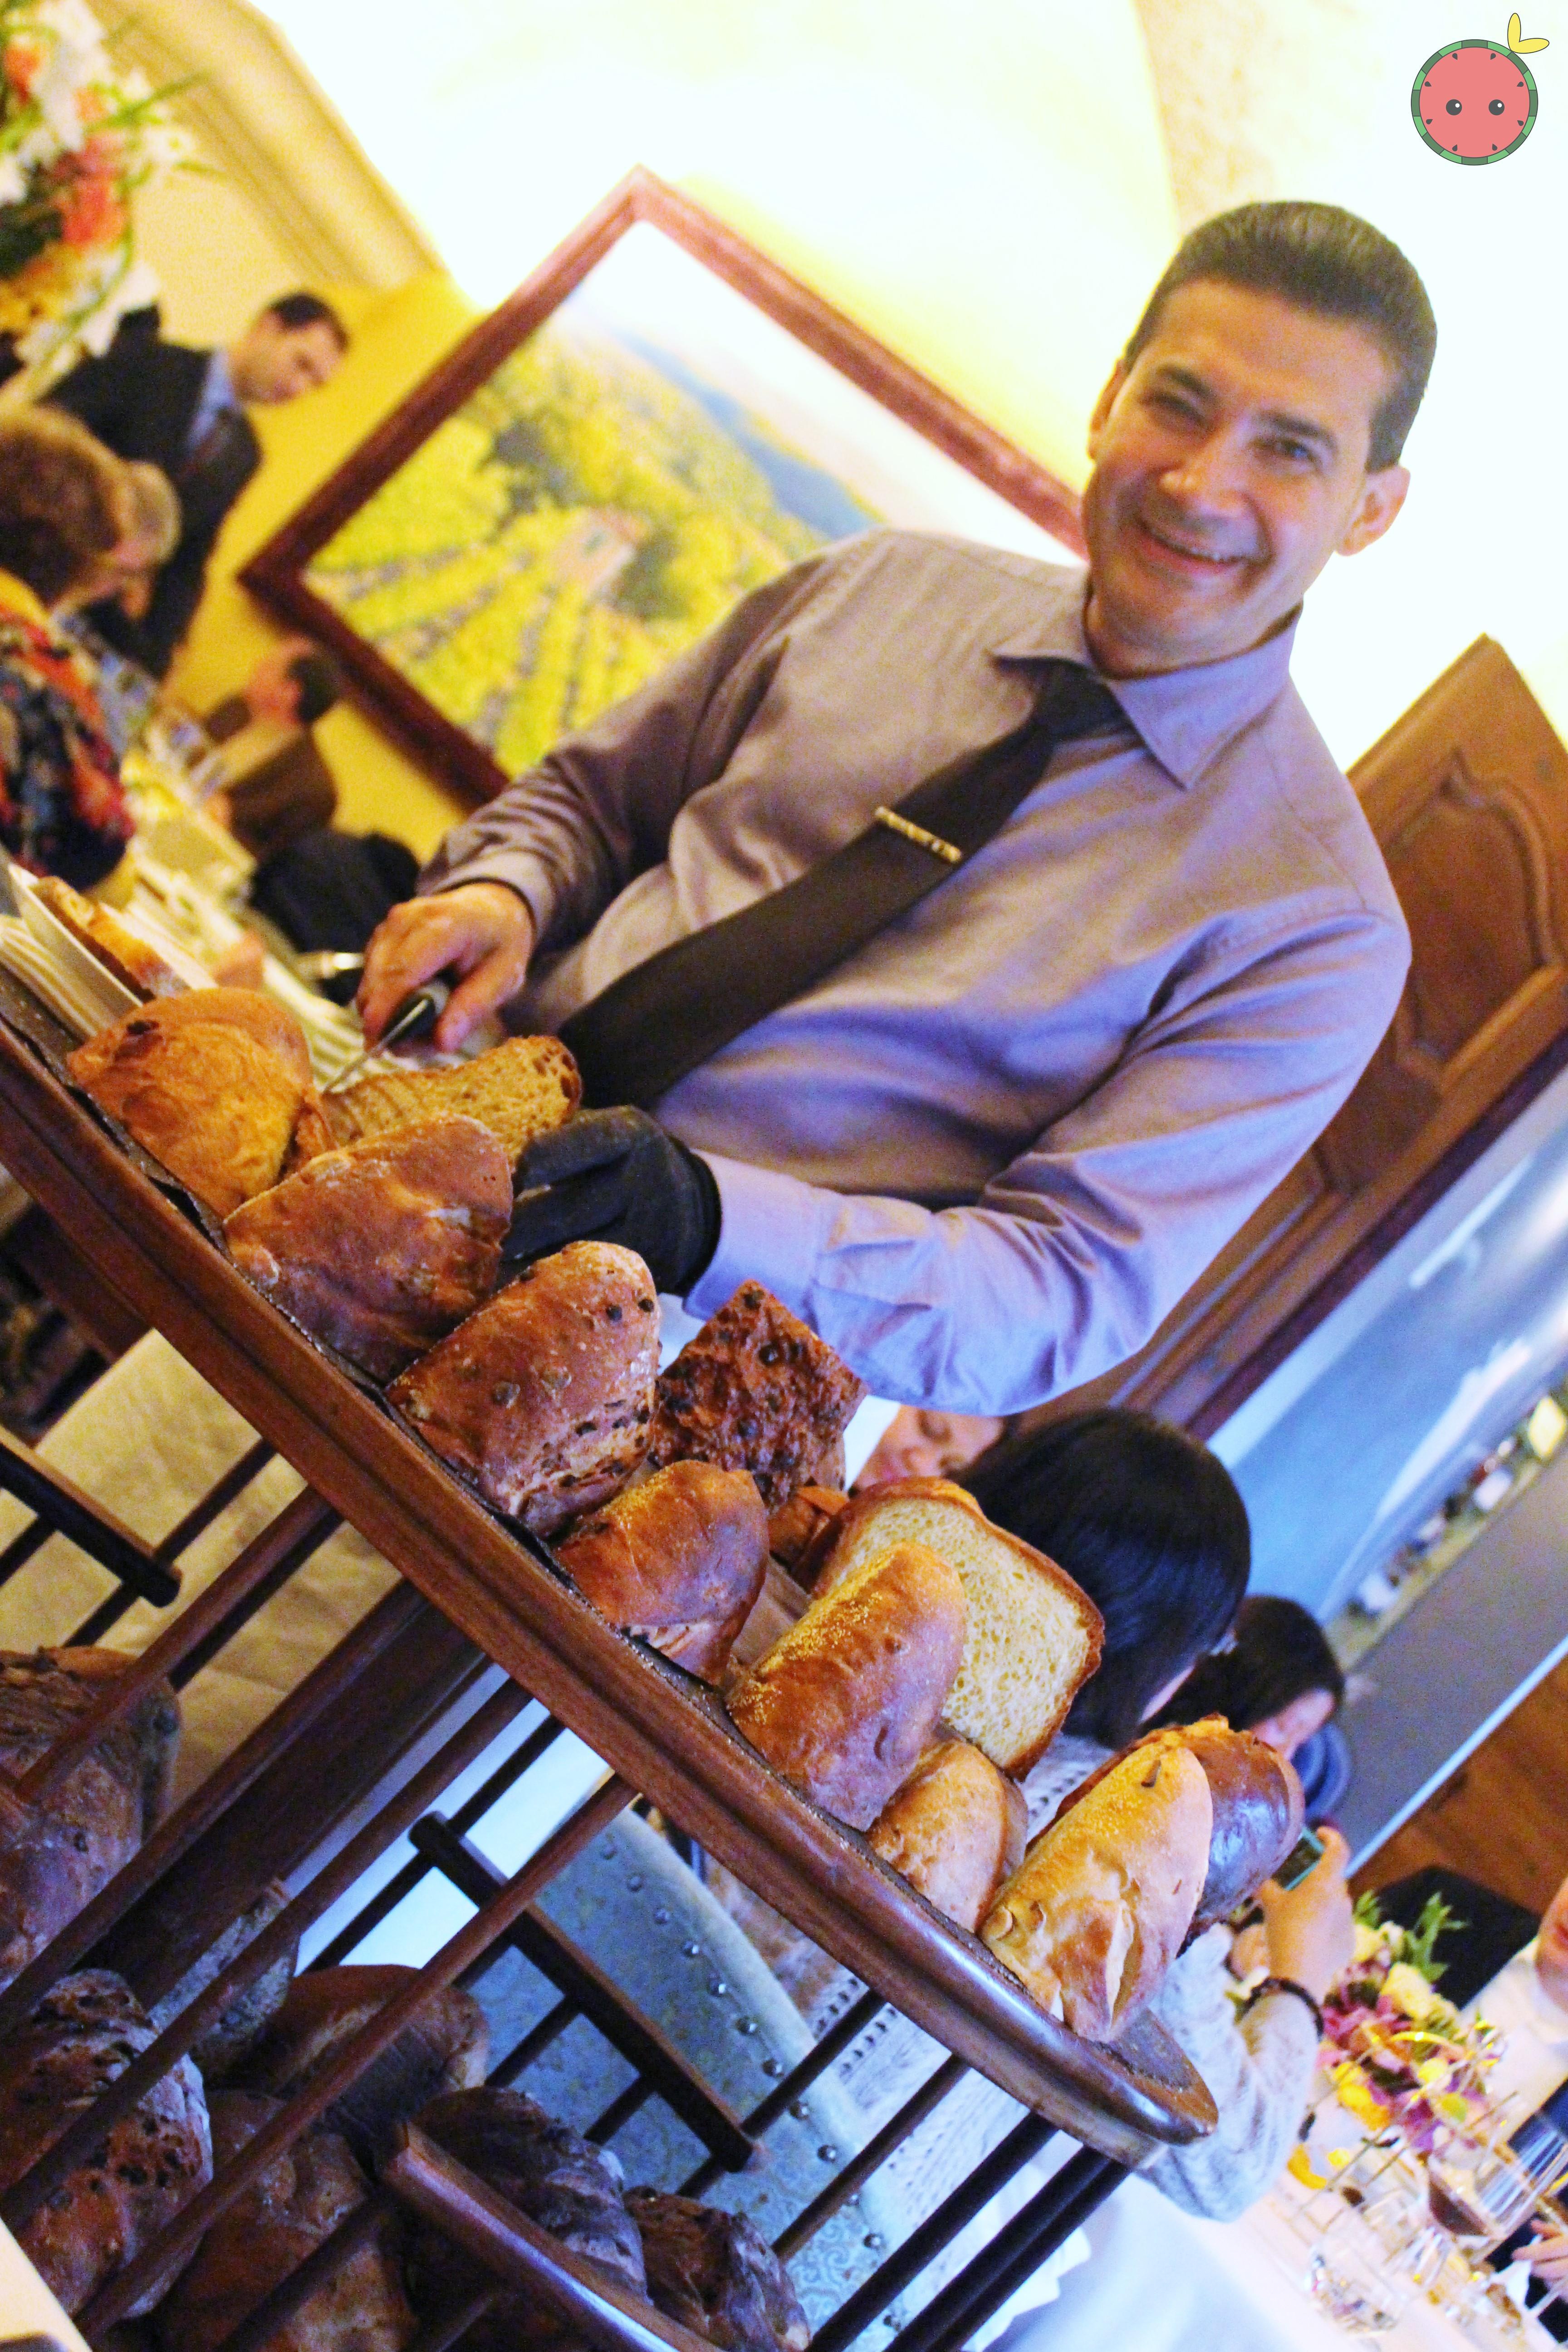 A wonderful man with bread!